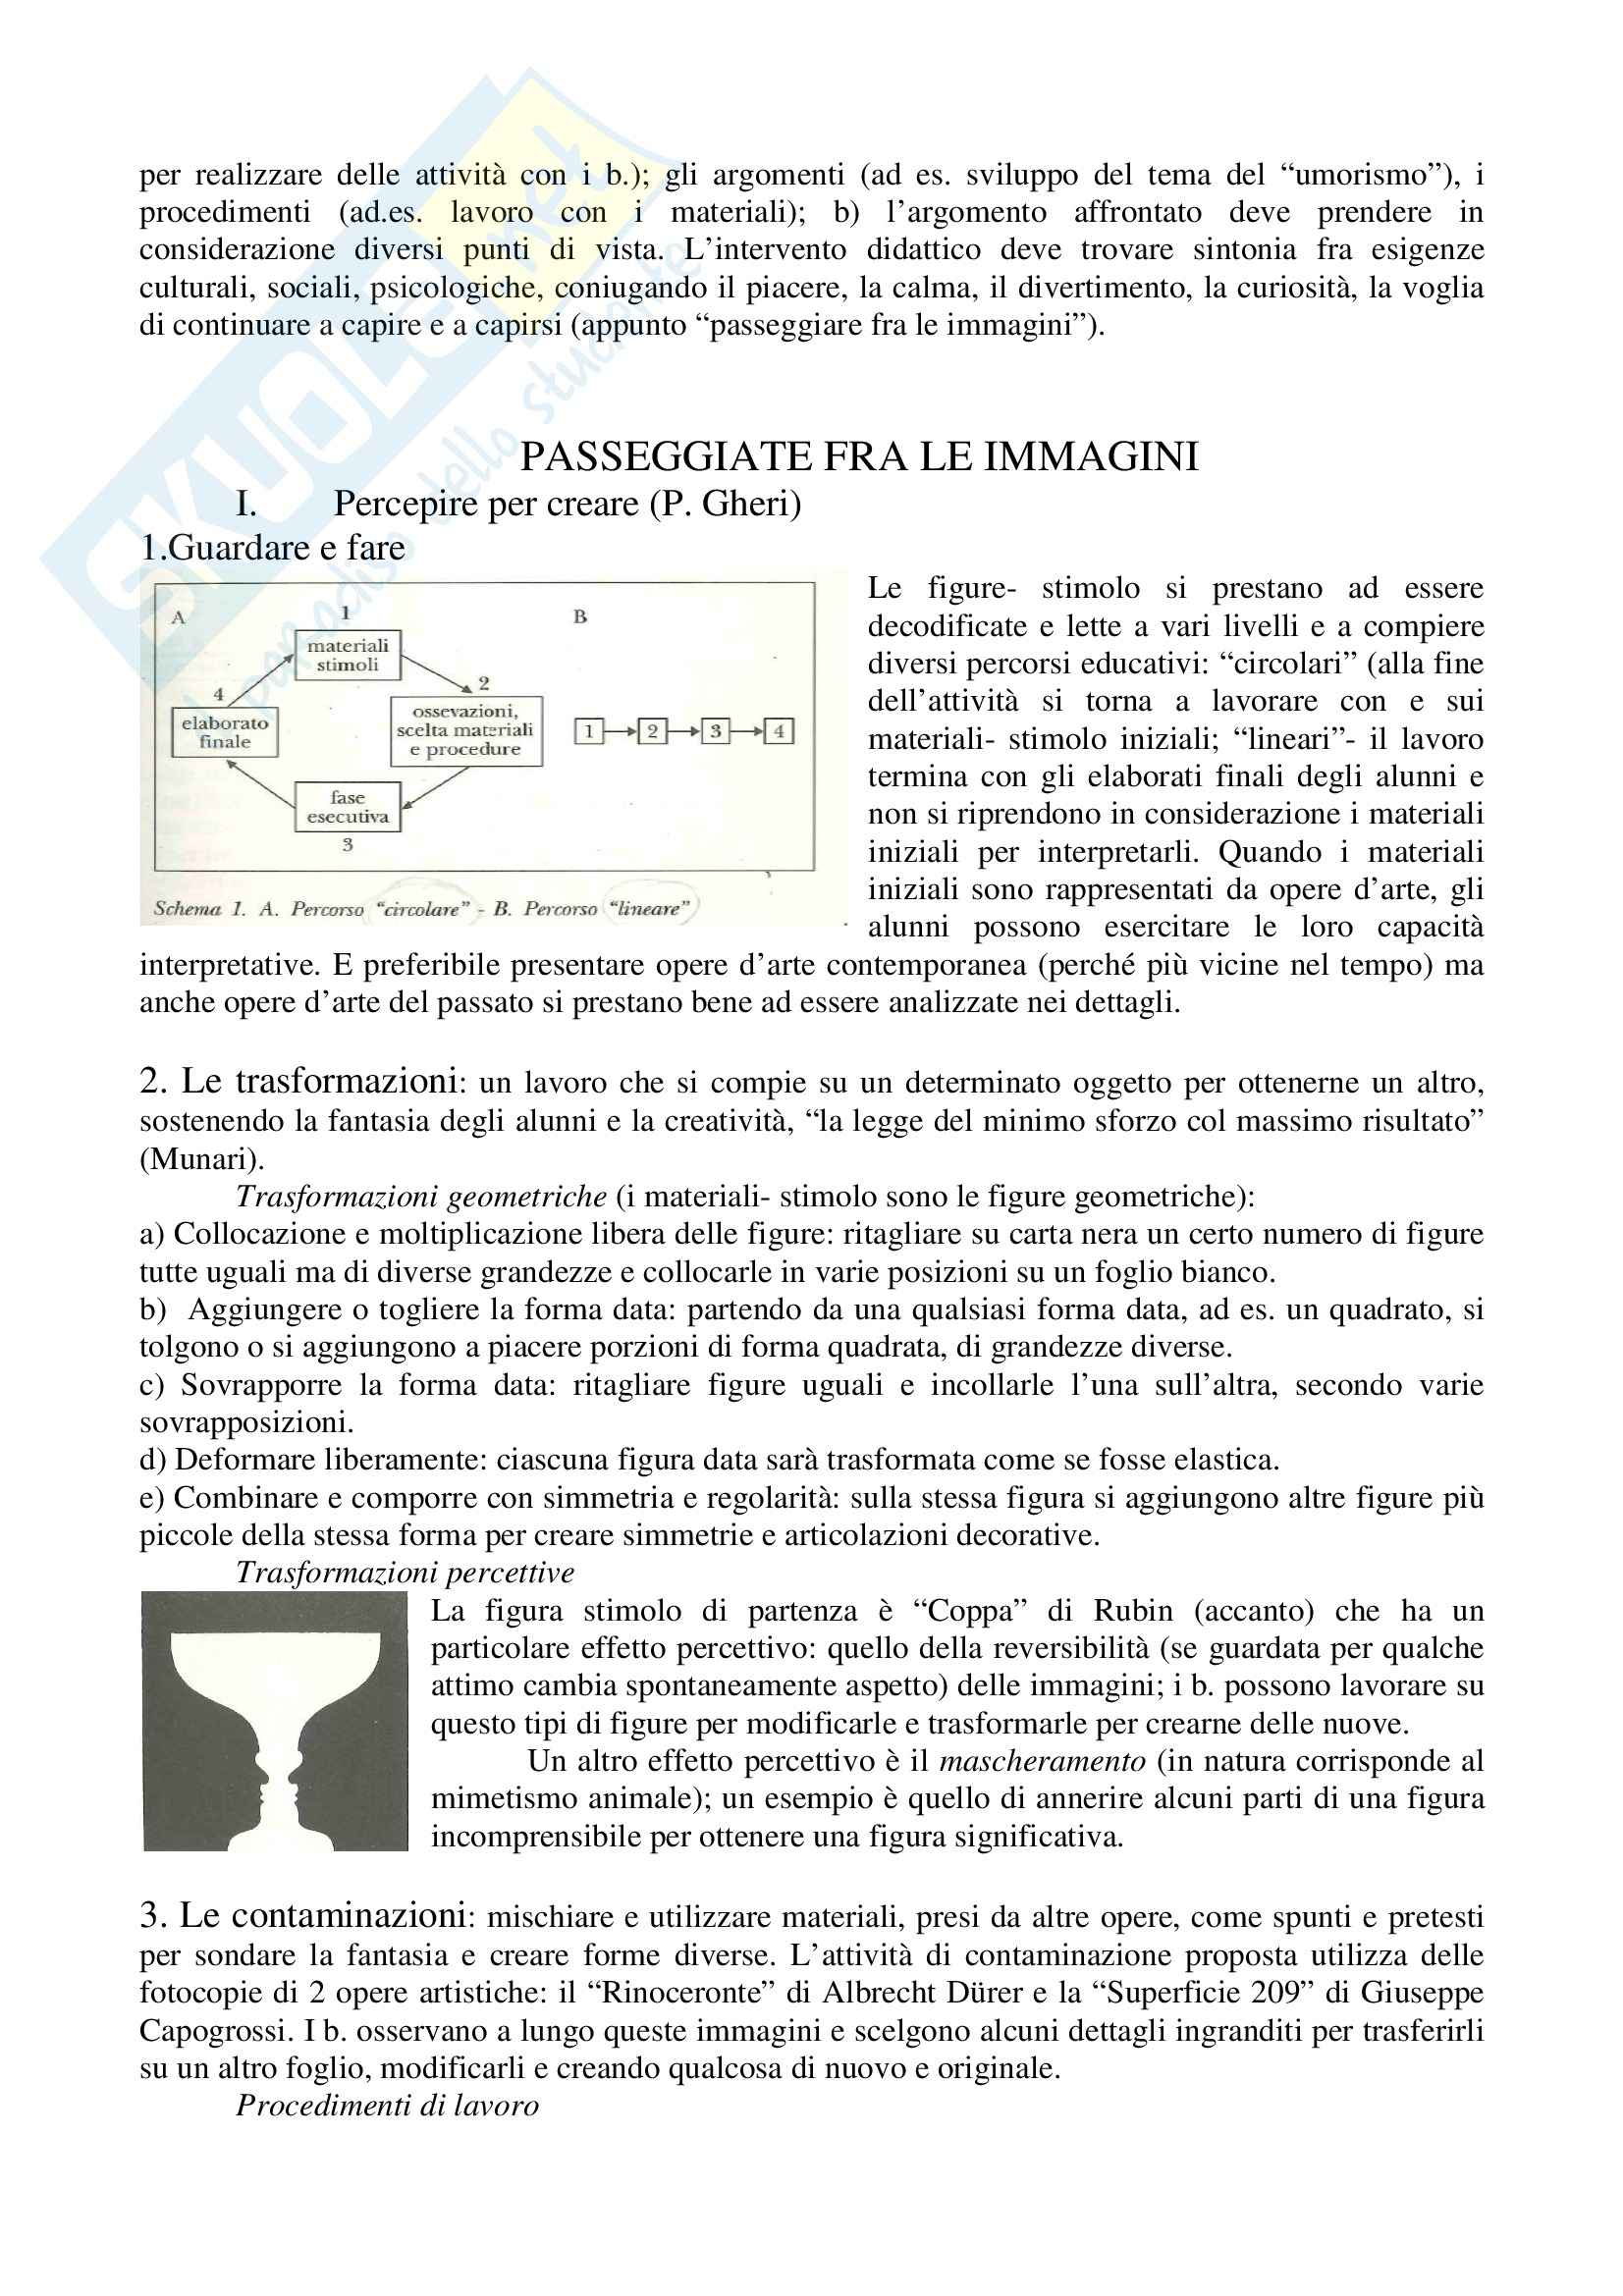 Riassunto esame Animazioni Grafico-pittoriche, prof. Staccioli, libro consigliato Progettare Immagini Pag. 6